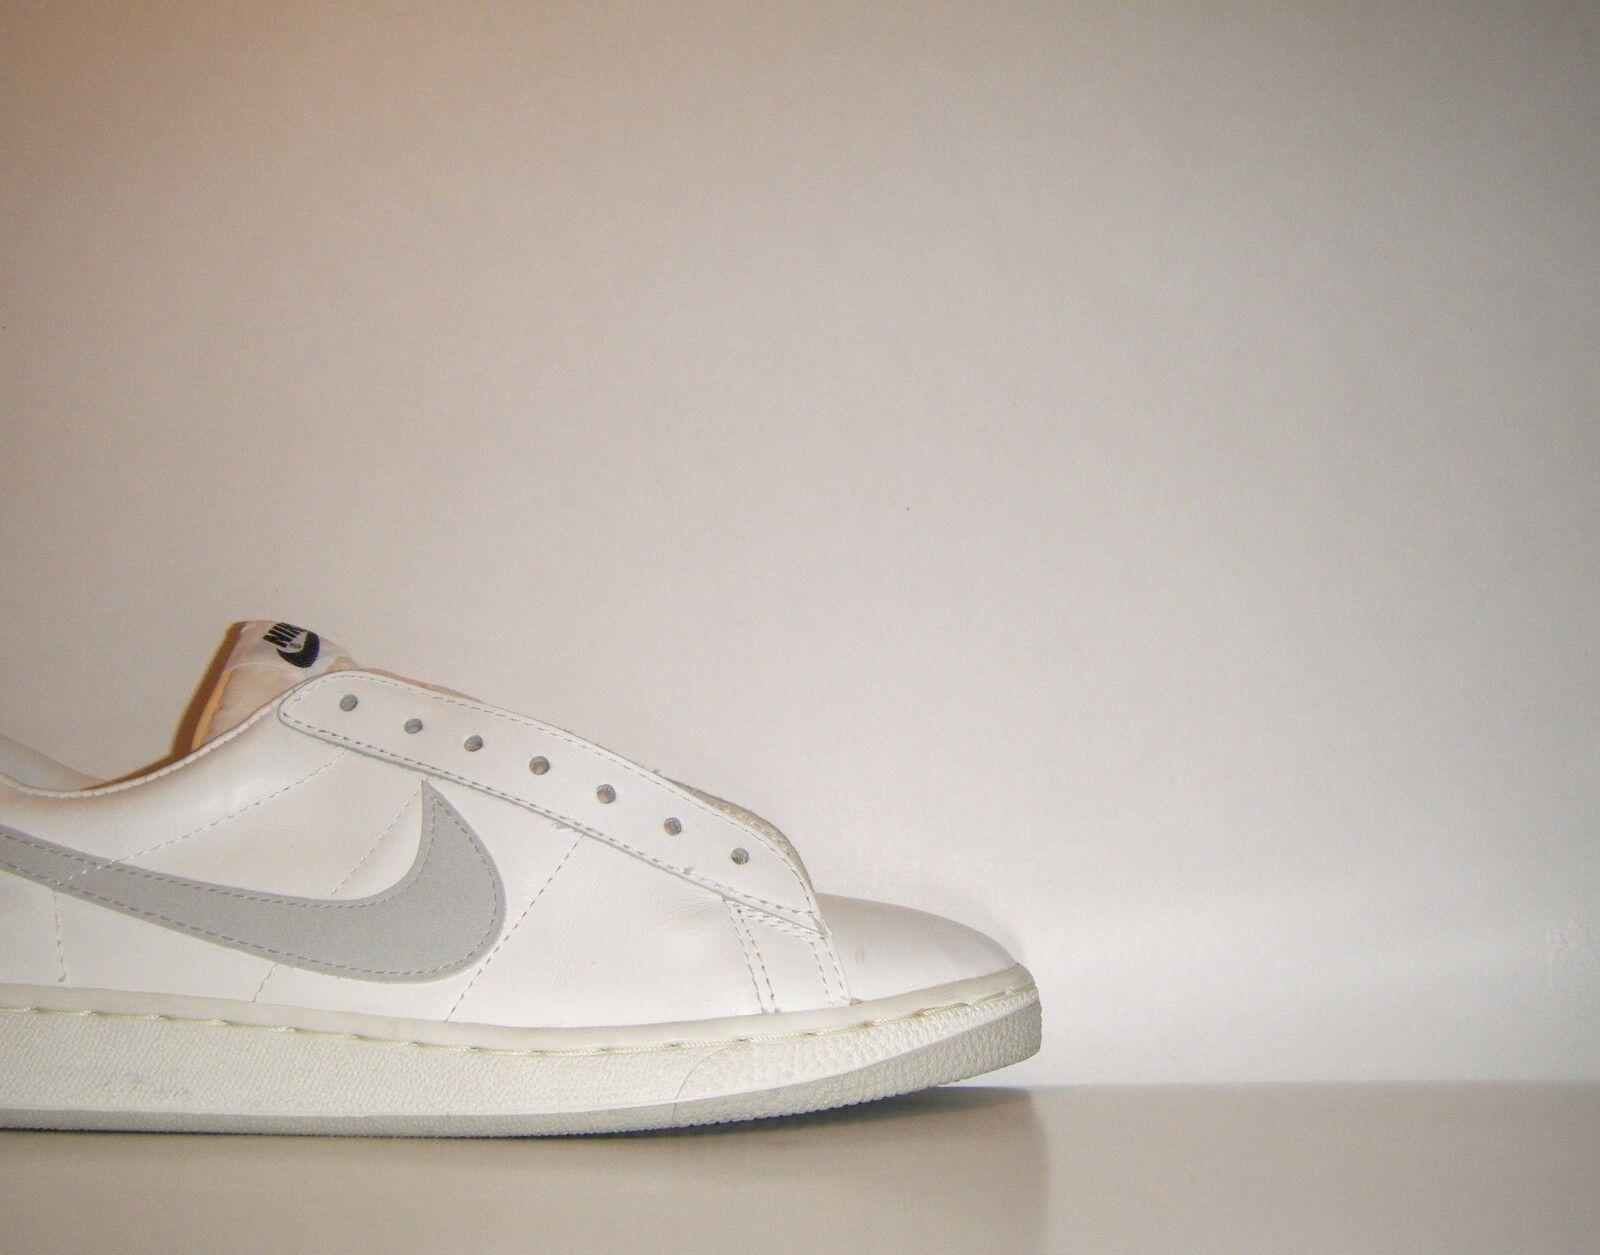 NOS Vtg 1984 Nike Penetrator Low Basketball Basketball Basketball Sz. 10 Blazer Bruin Tennis Air Force edc5e7